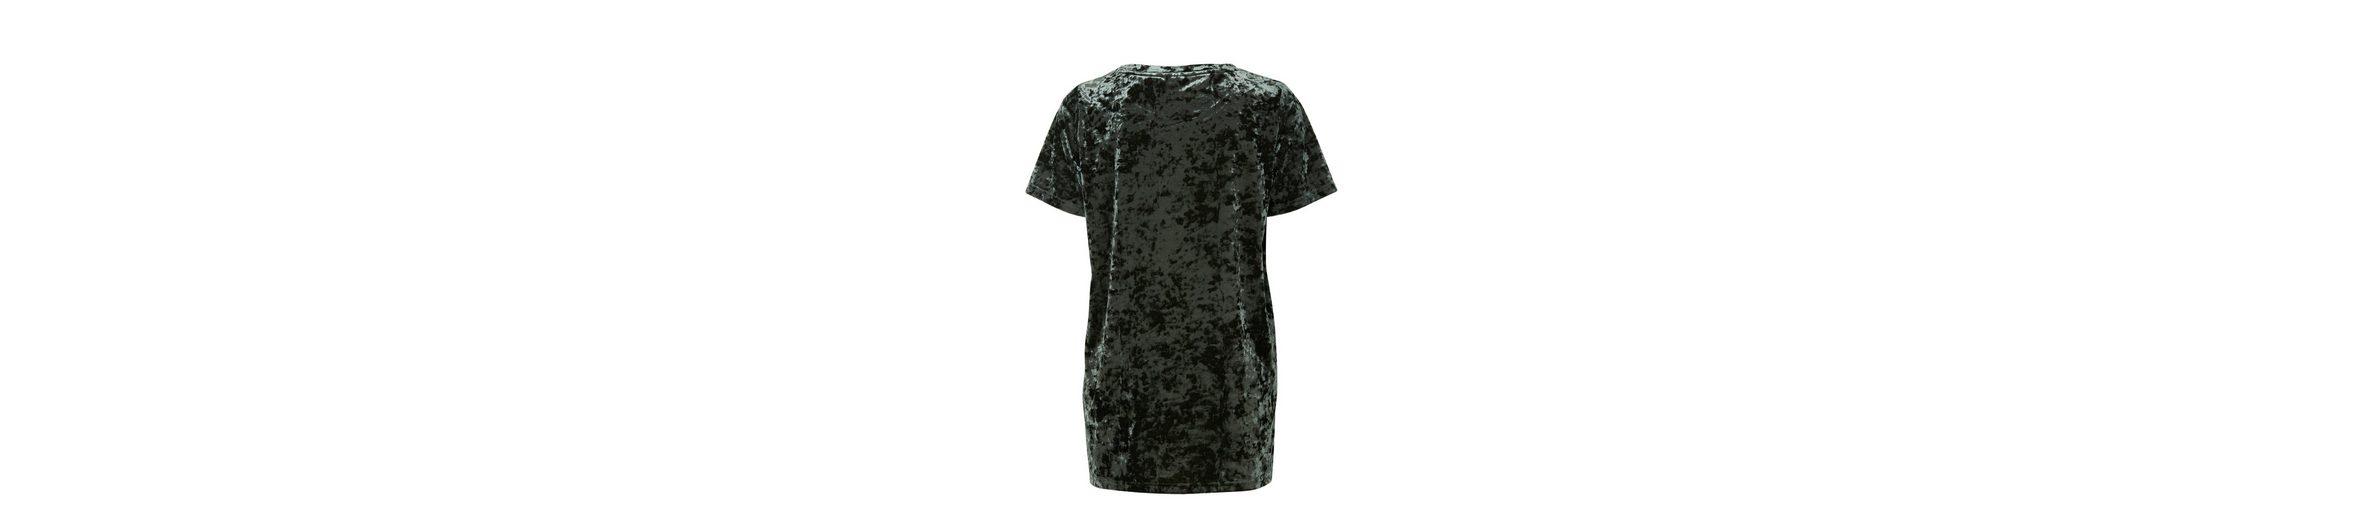 Ichi T-Shirt CADDY Billigsten Günstig Online Shop Für Günstige Online Outlet Angebote Verkauf Gut Verkaufen Outlet Limitierte Auflage 8YEXcFE